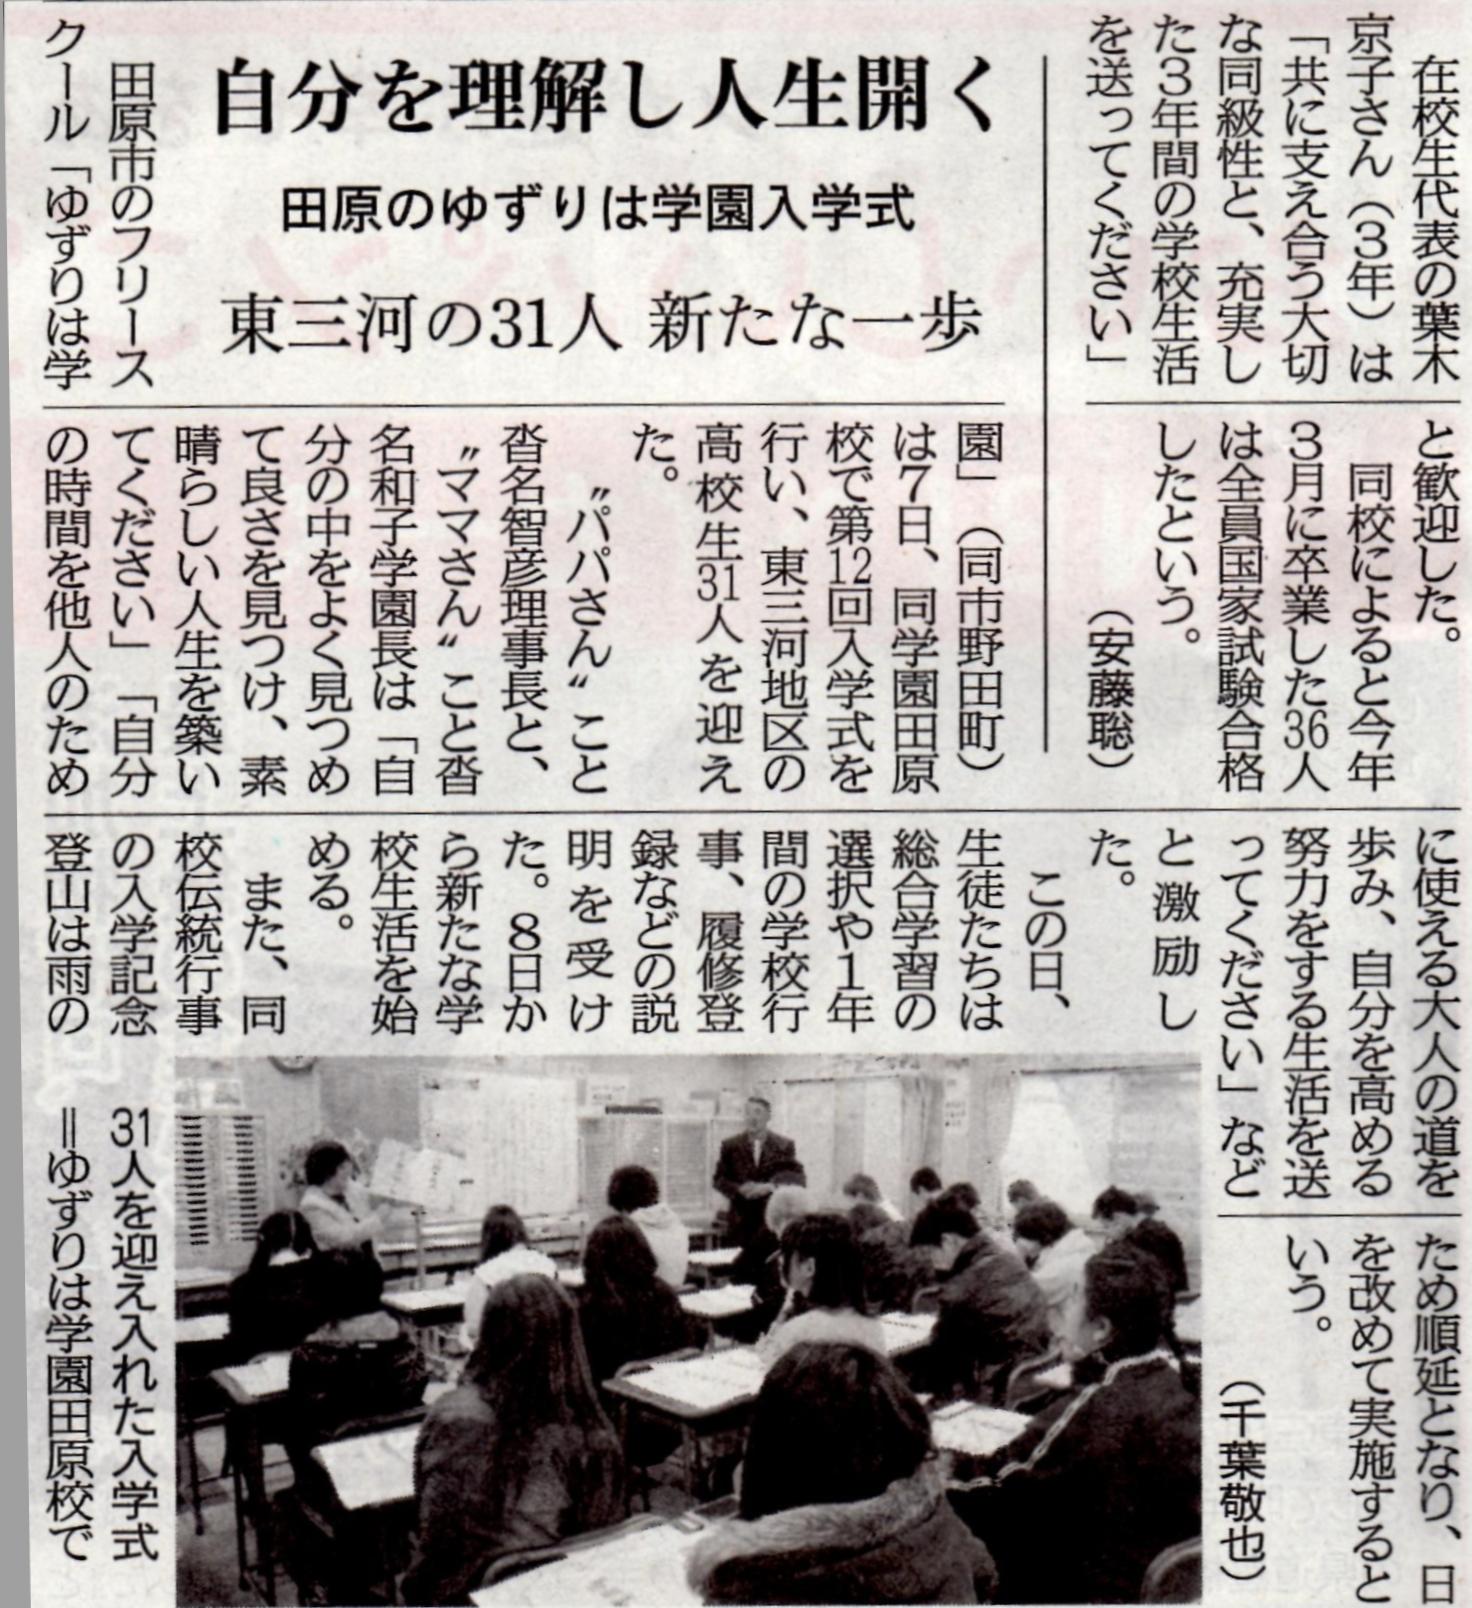 031_東愛知新聞掲載「自分を理解し人生開く」